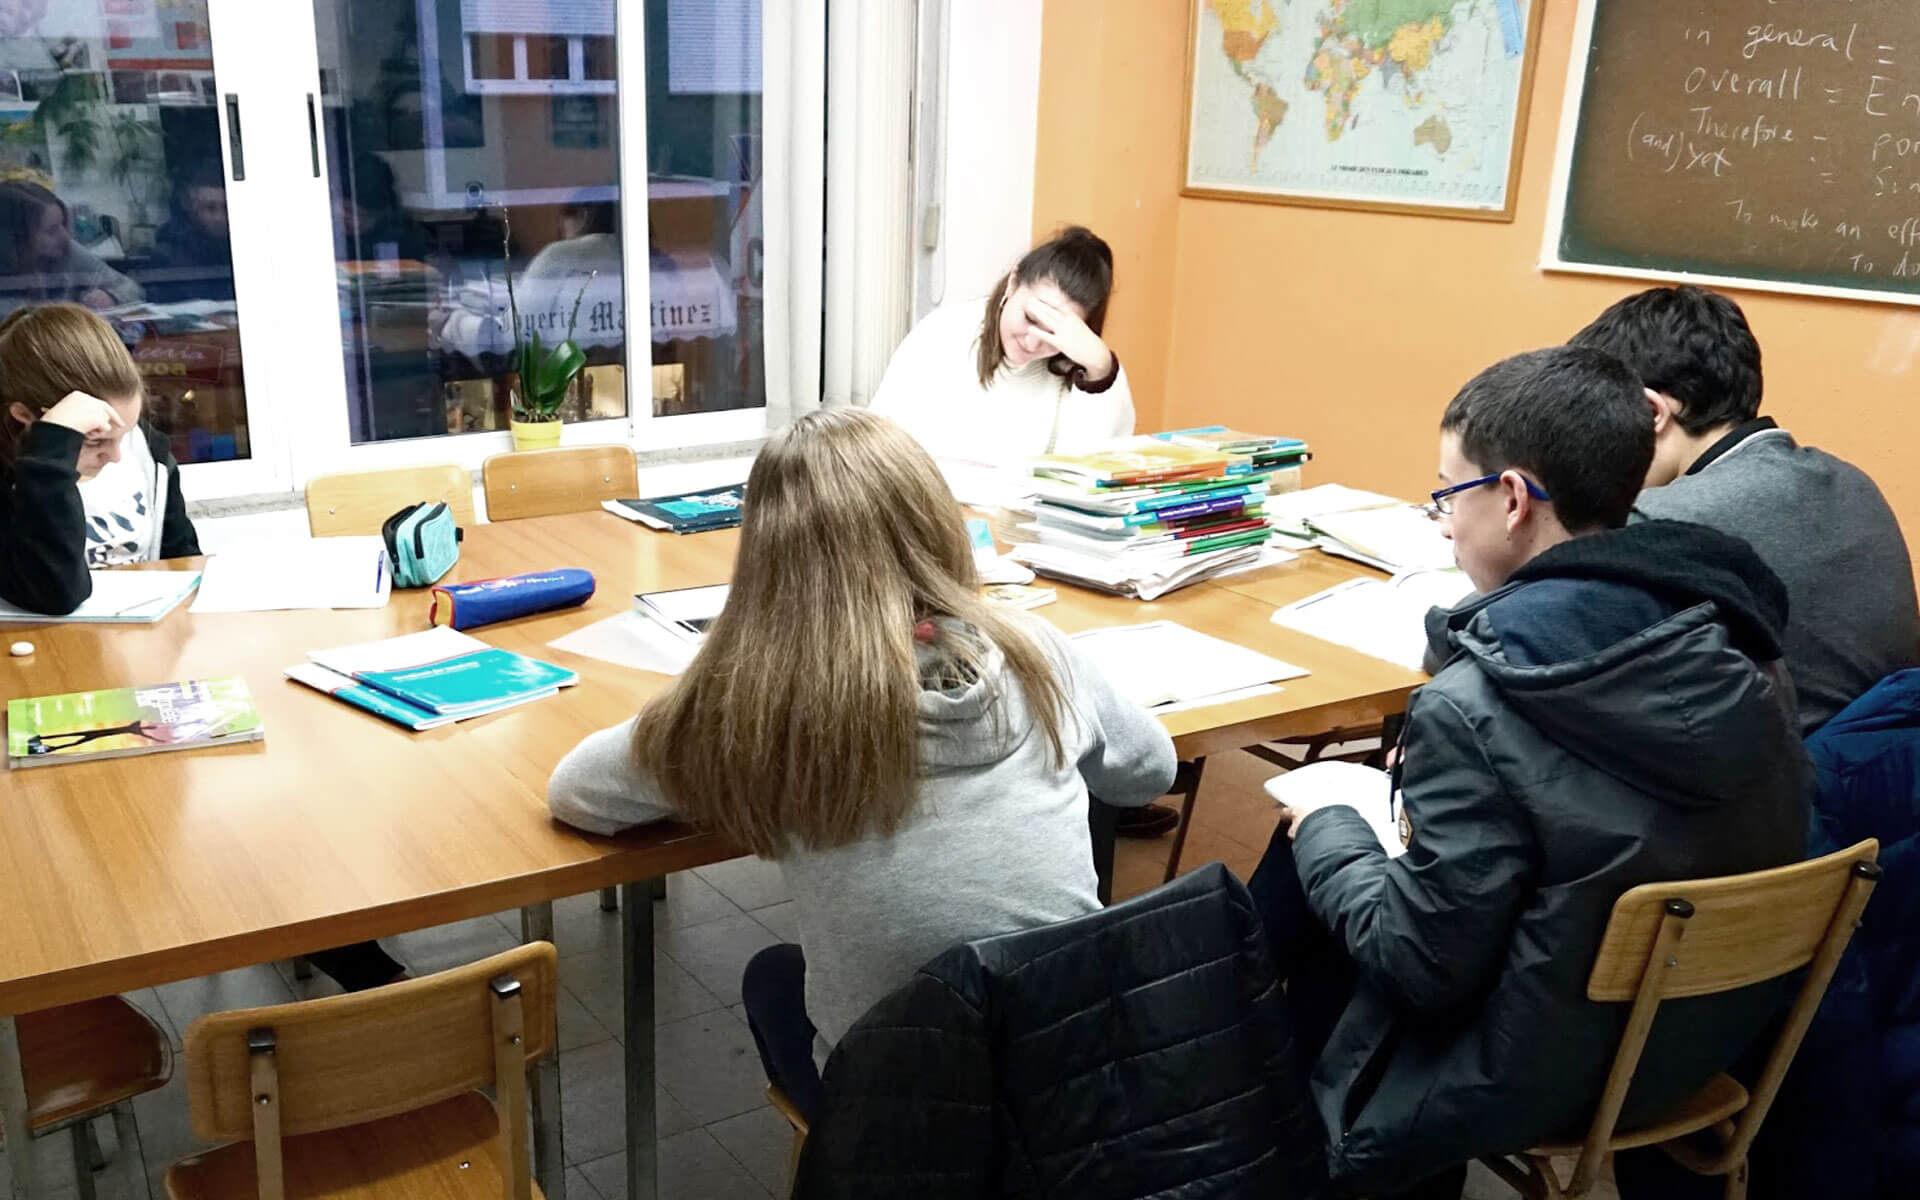 Academia de inglés para niños en Lugo